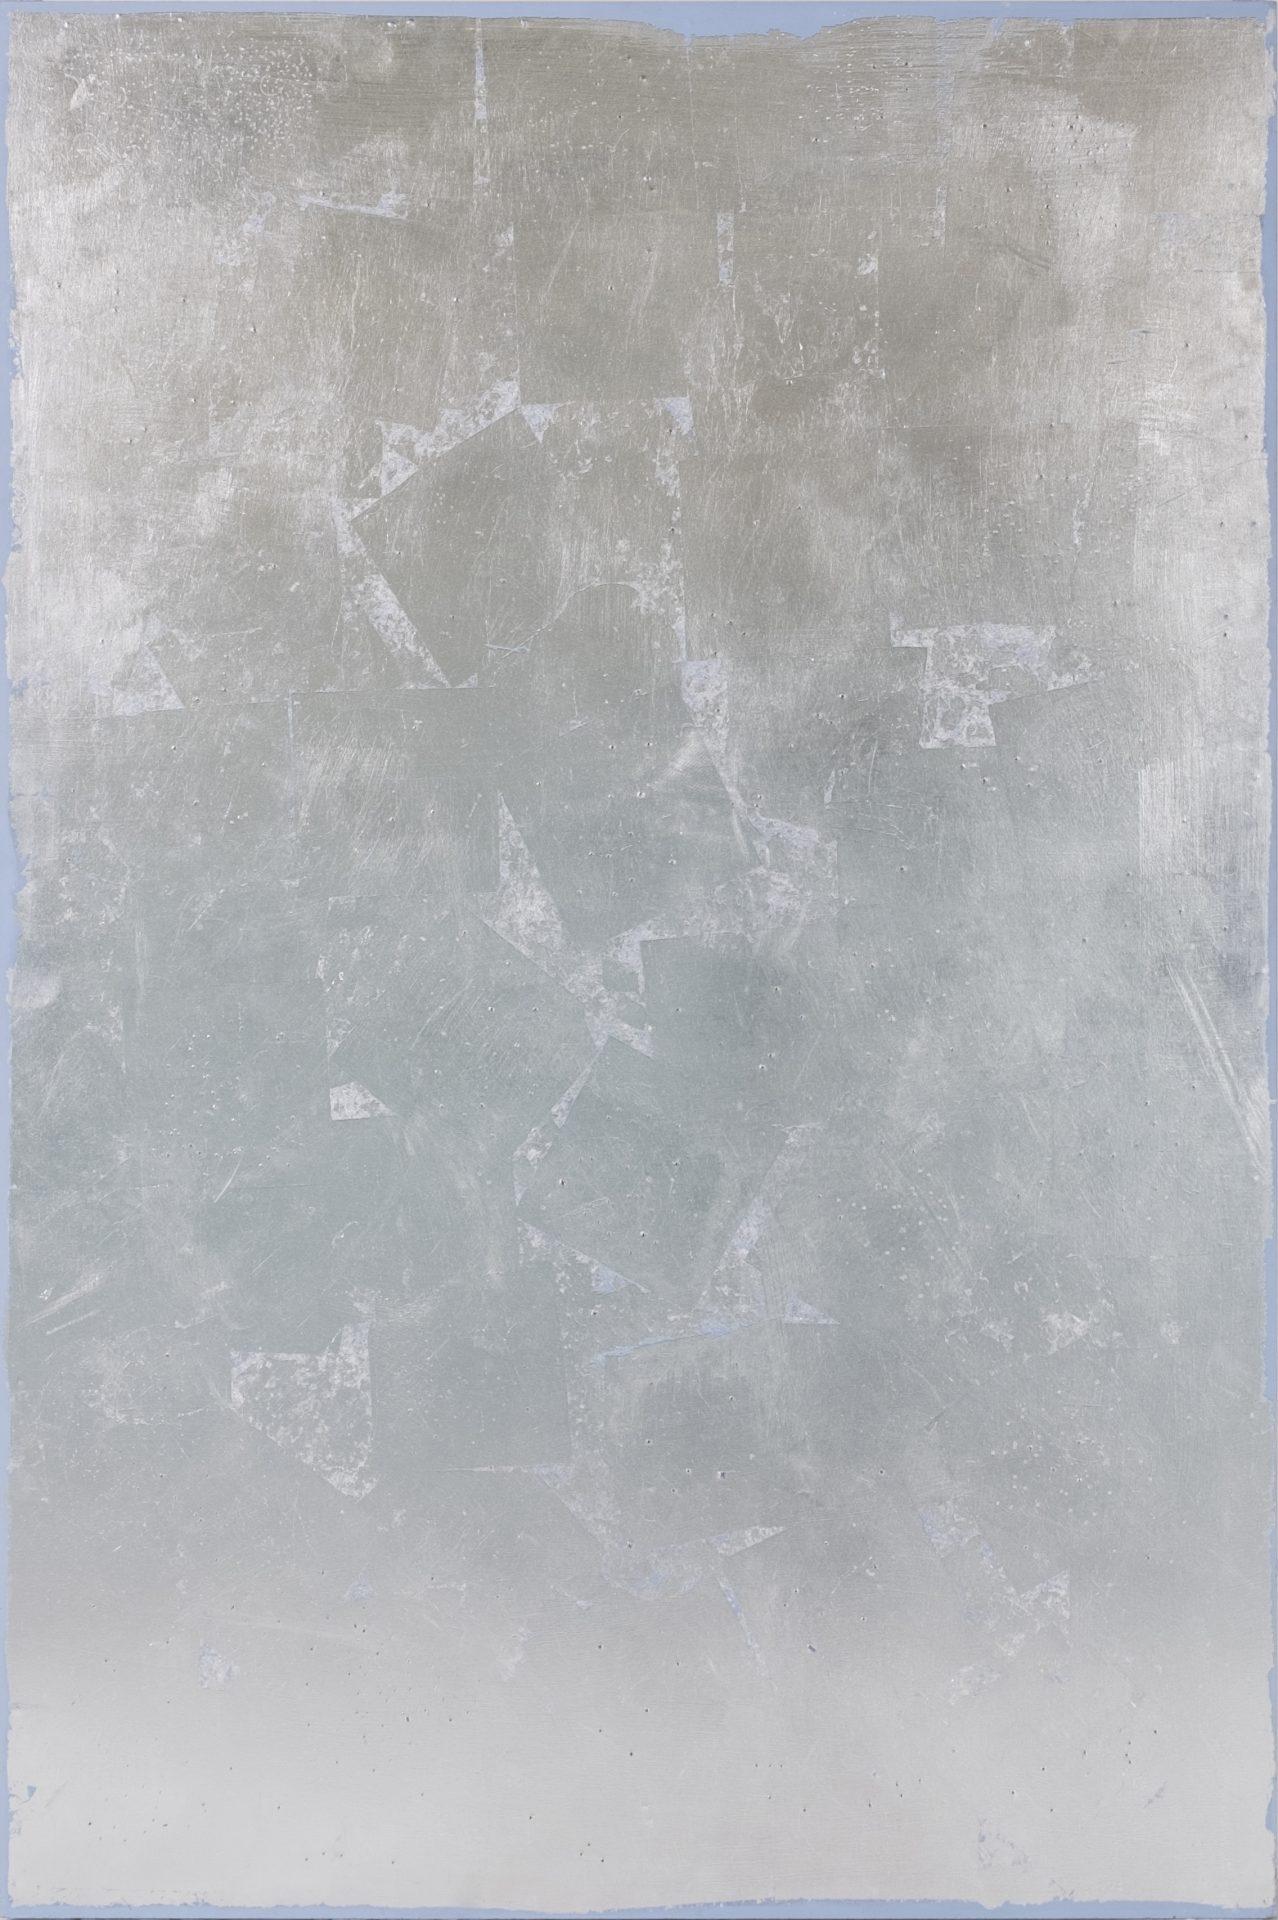 Argenteria Dynamo<br>OPR08<br>misure: 150 x 100 cm<br>tecnica: foglio d'argento su tavola<br>anno: 2015<br><br>DISPONIBILE